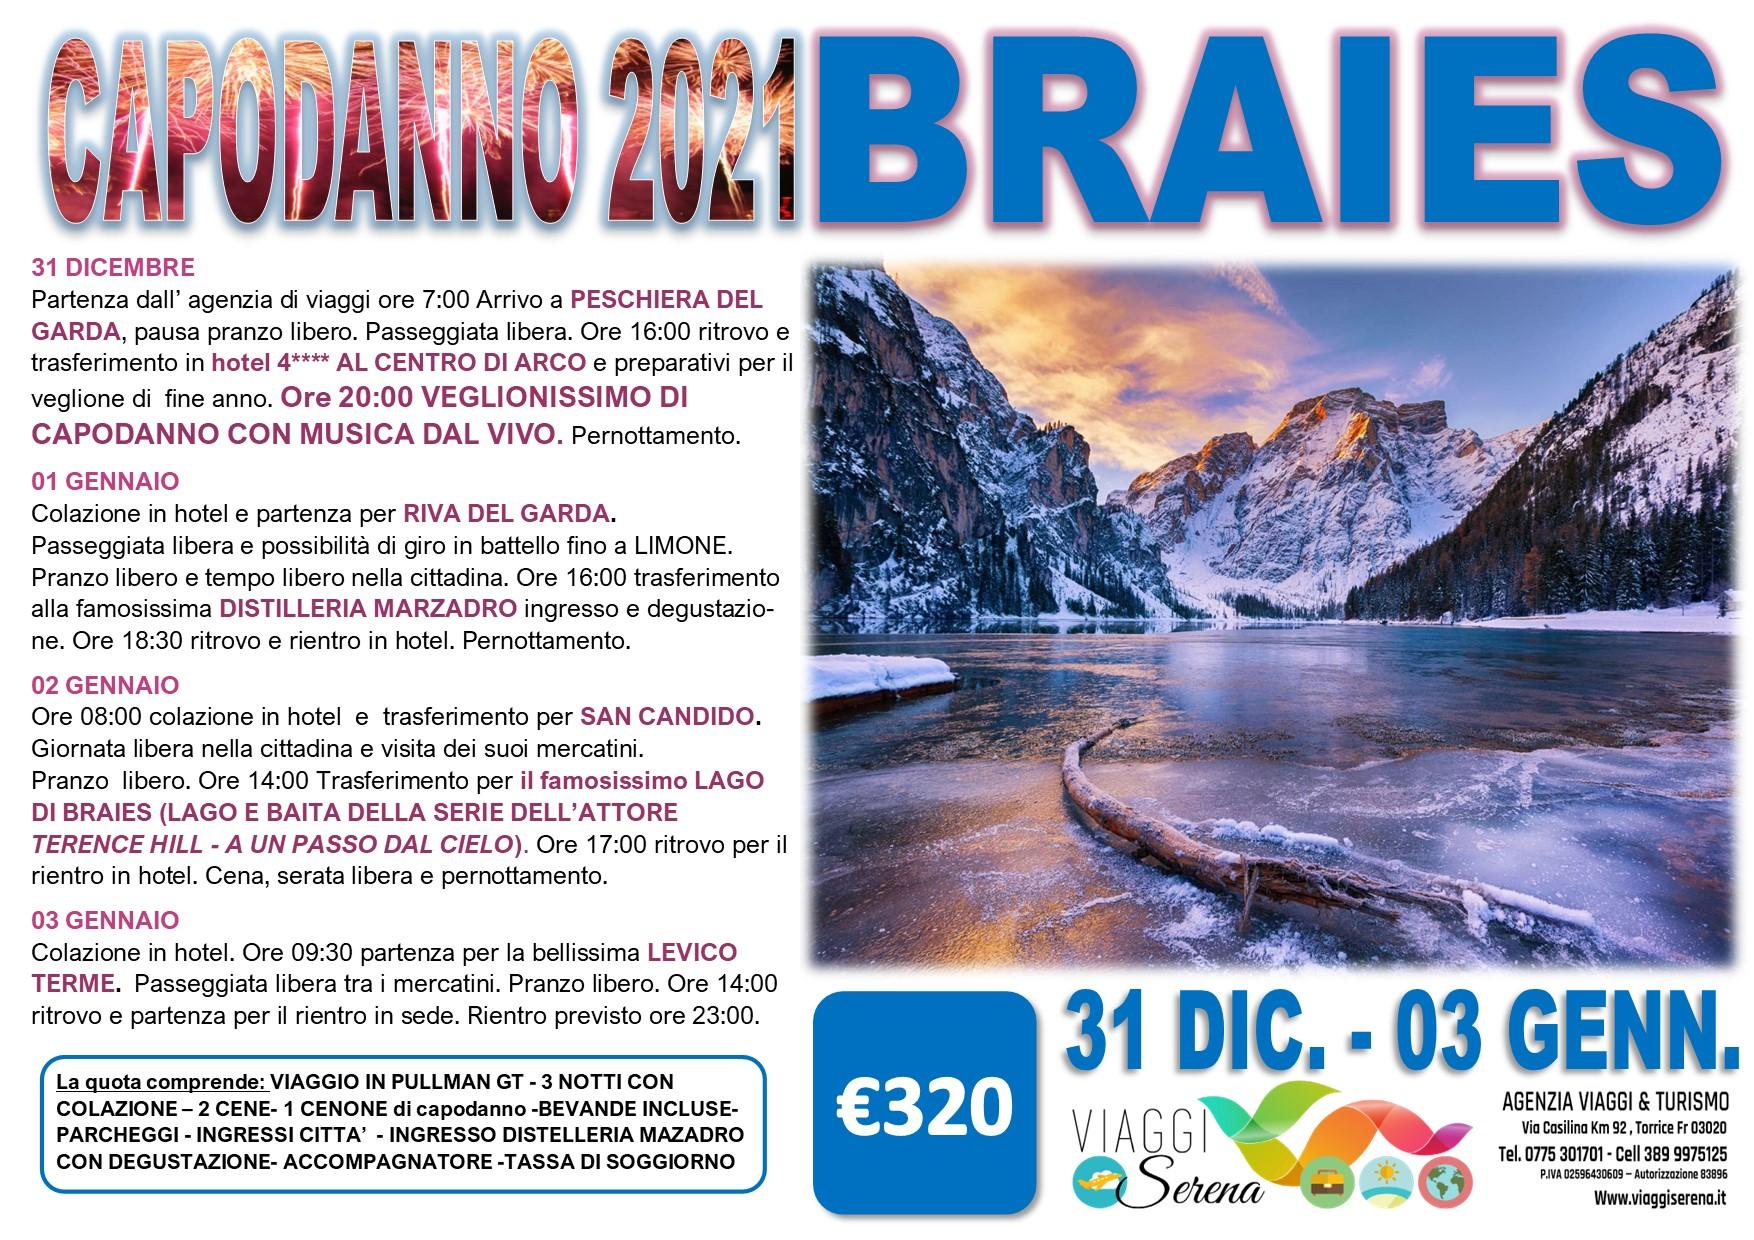 Viaggi di Gruppo speciale Capodanno: LAGO di BRAIES 31 Dicembre- 3 Gennaio € 320,00